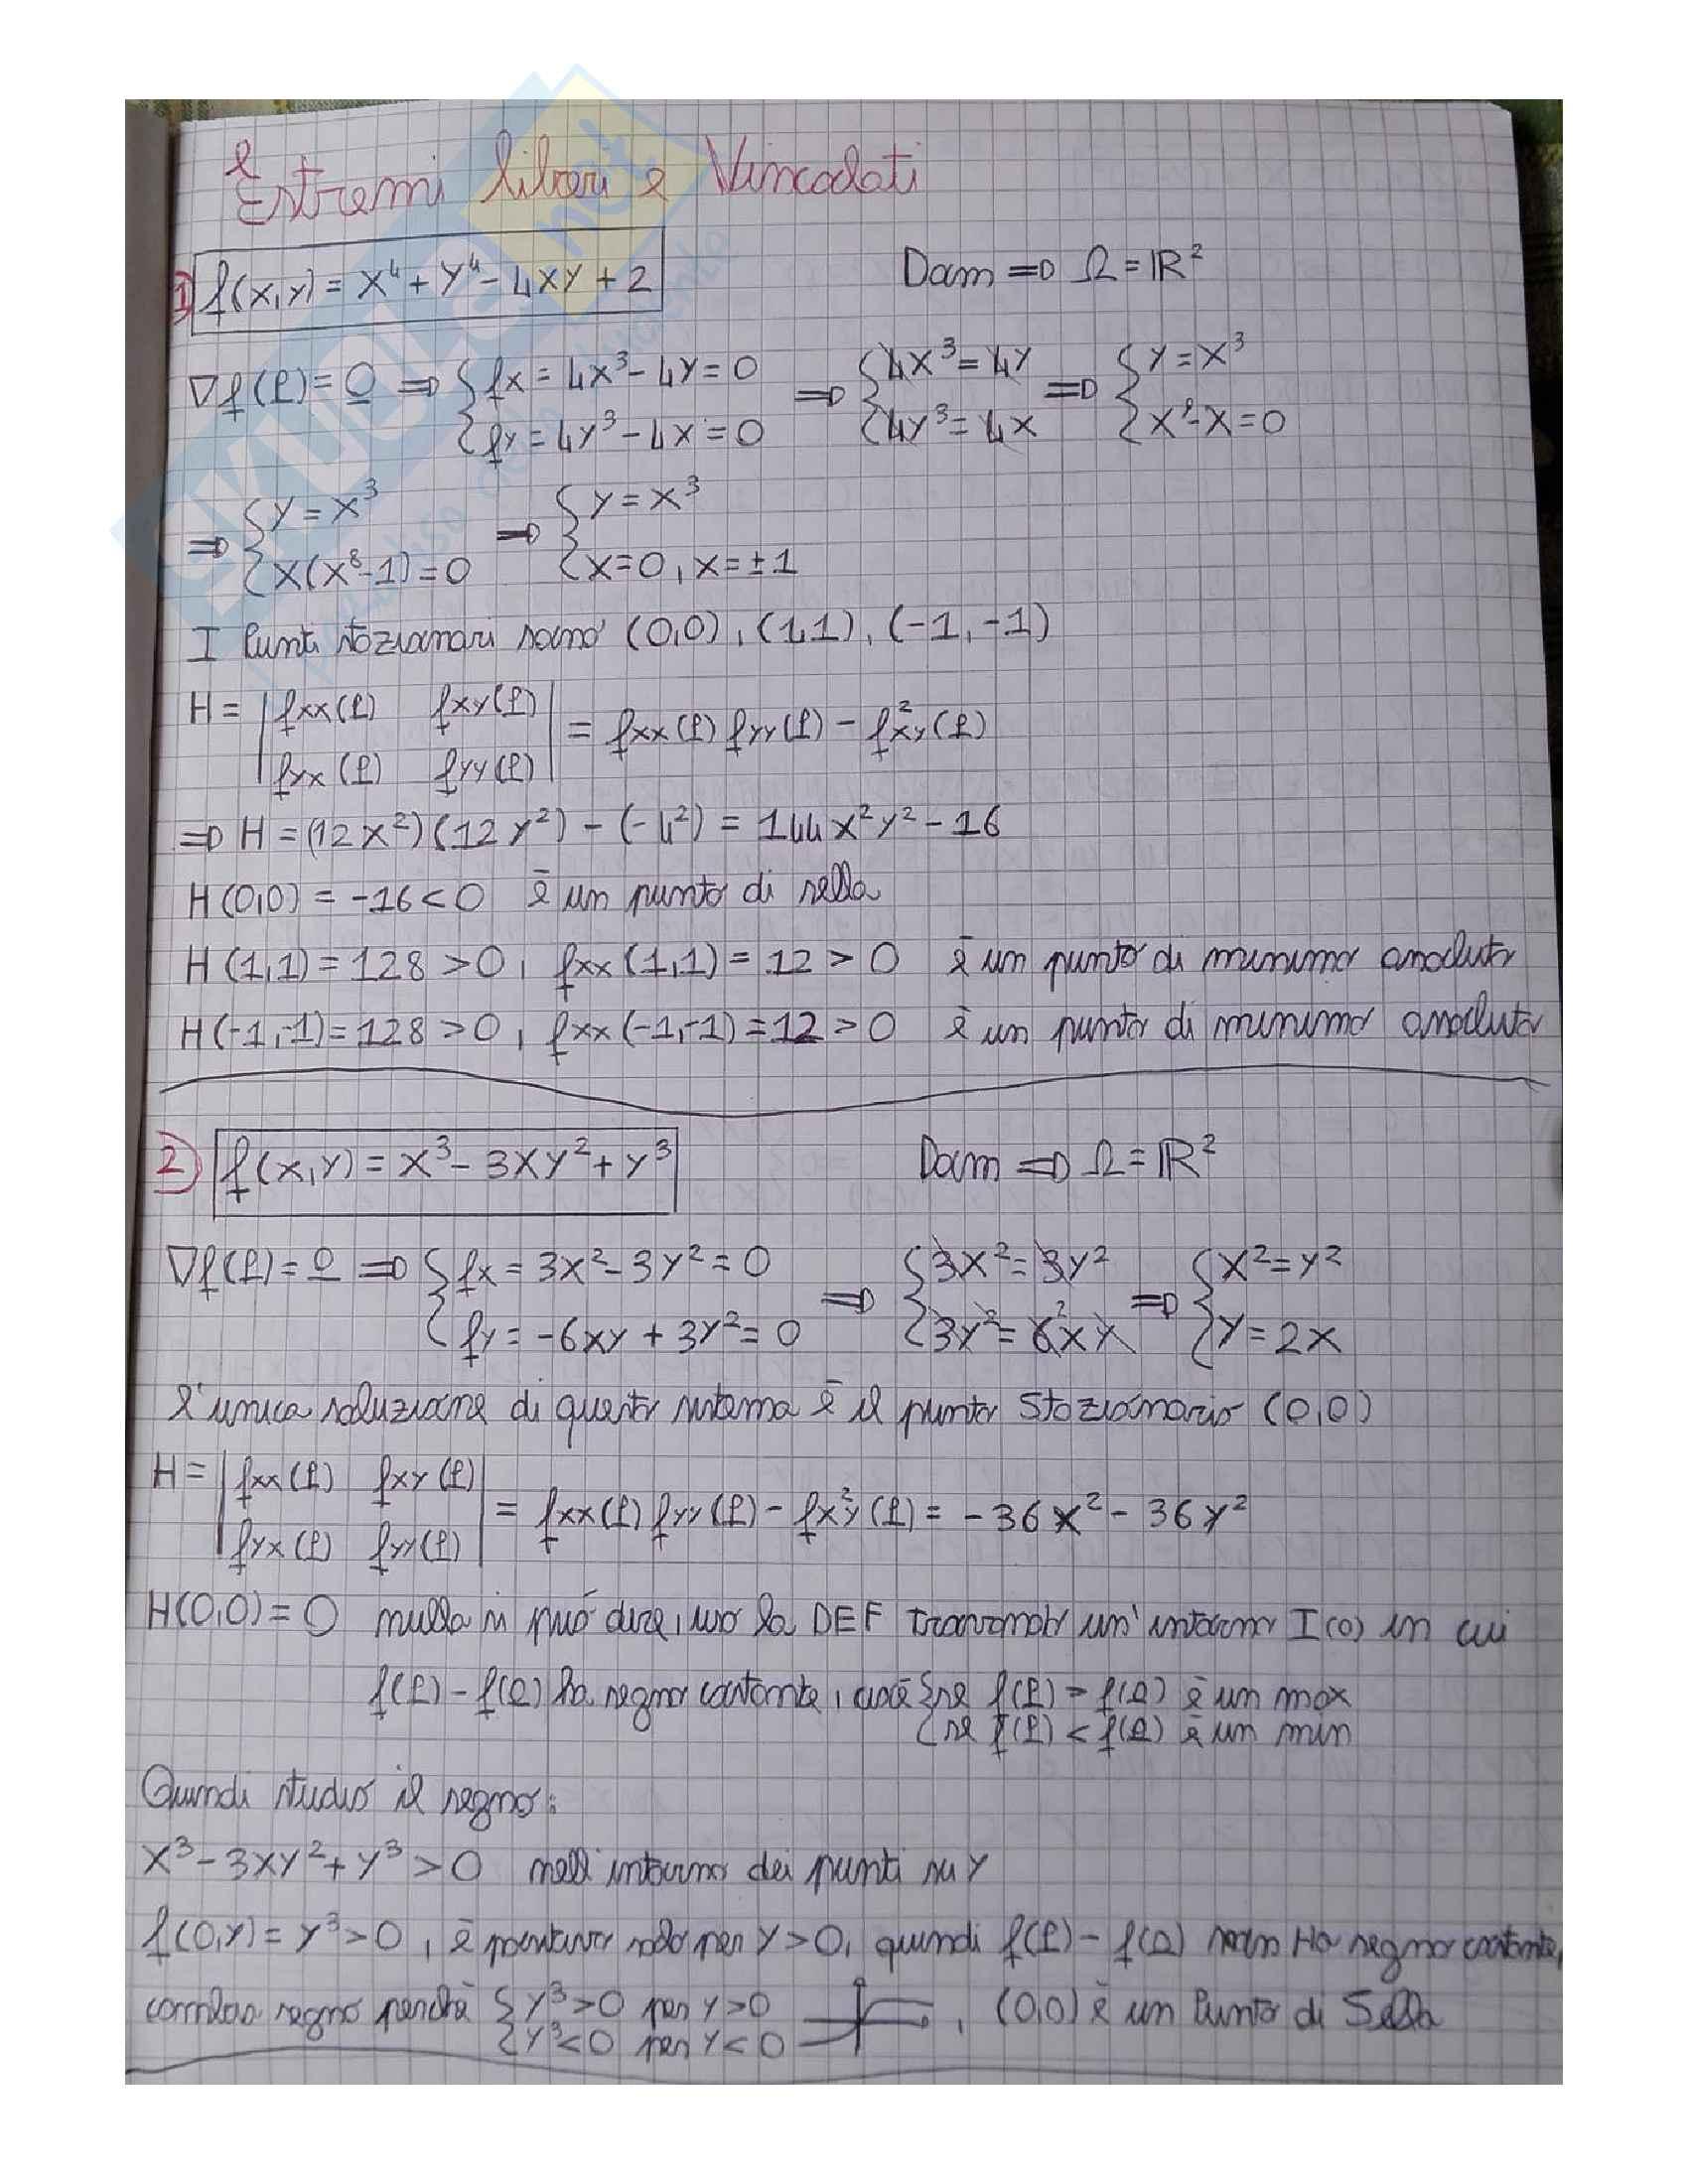 Analisi matematica 2 centinaia di esercizi svolti